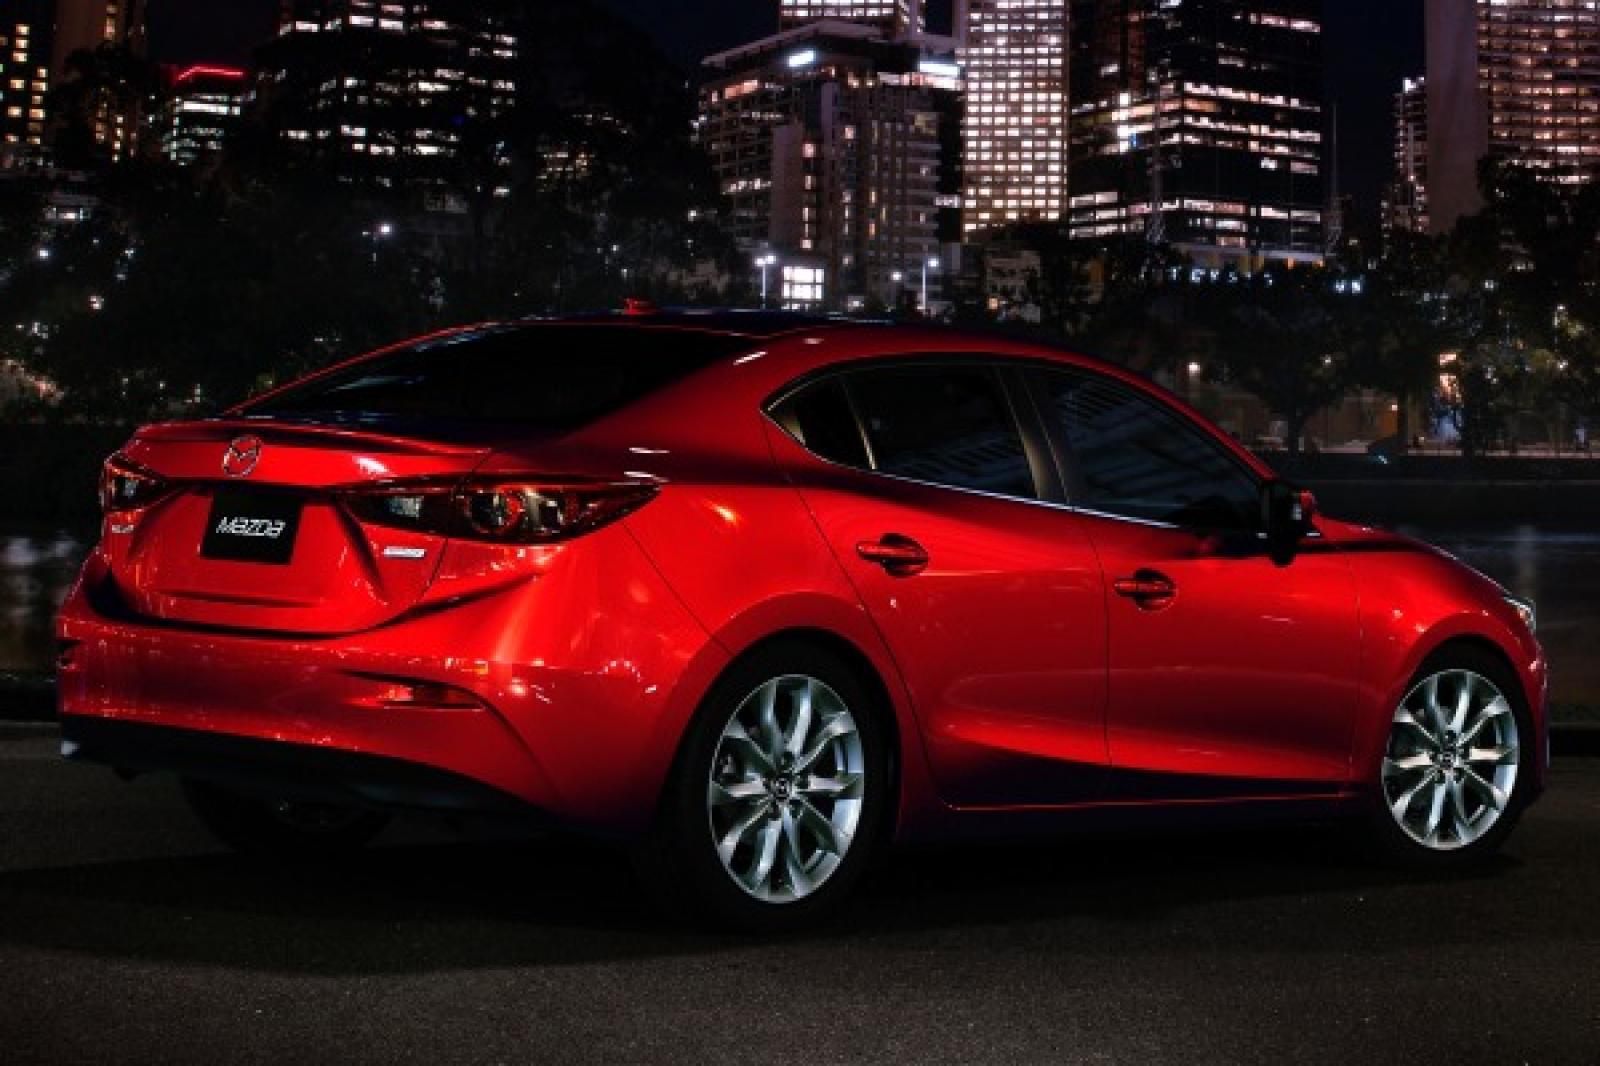 800 1024 1280 1600 Origin 2015 Mazda Mazda3 ...